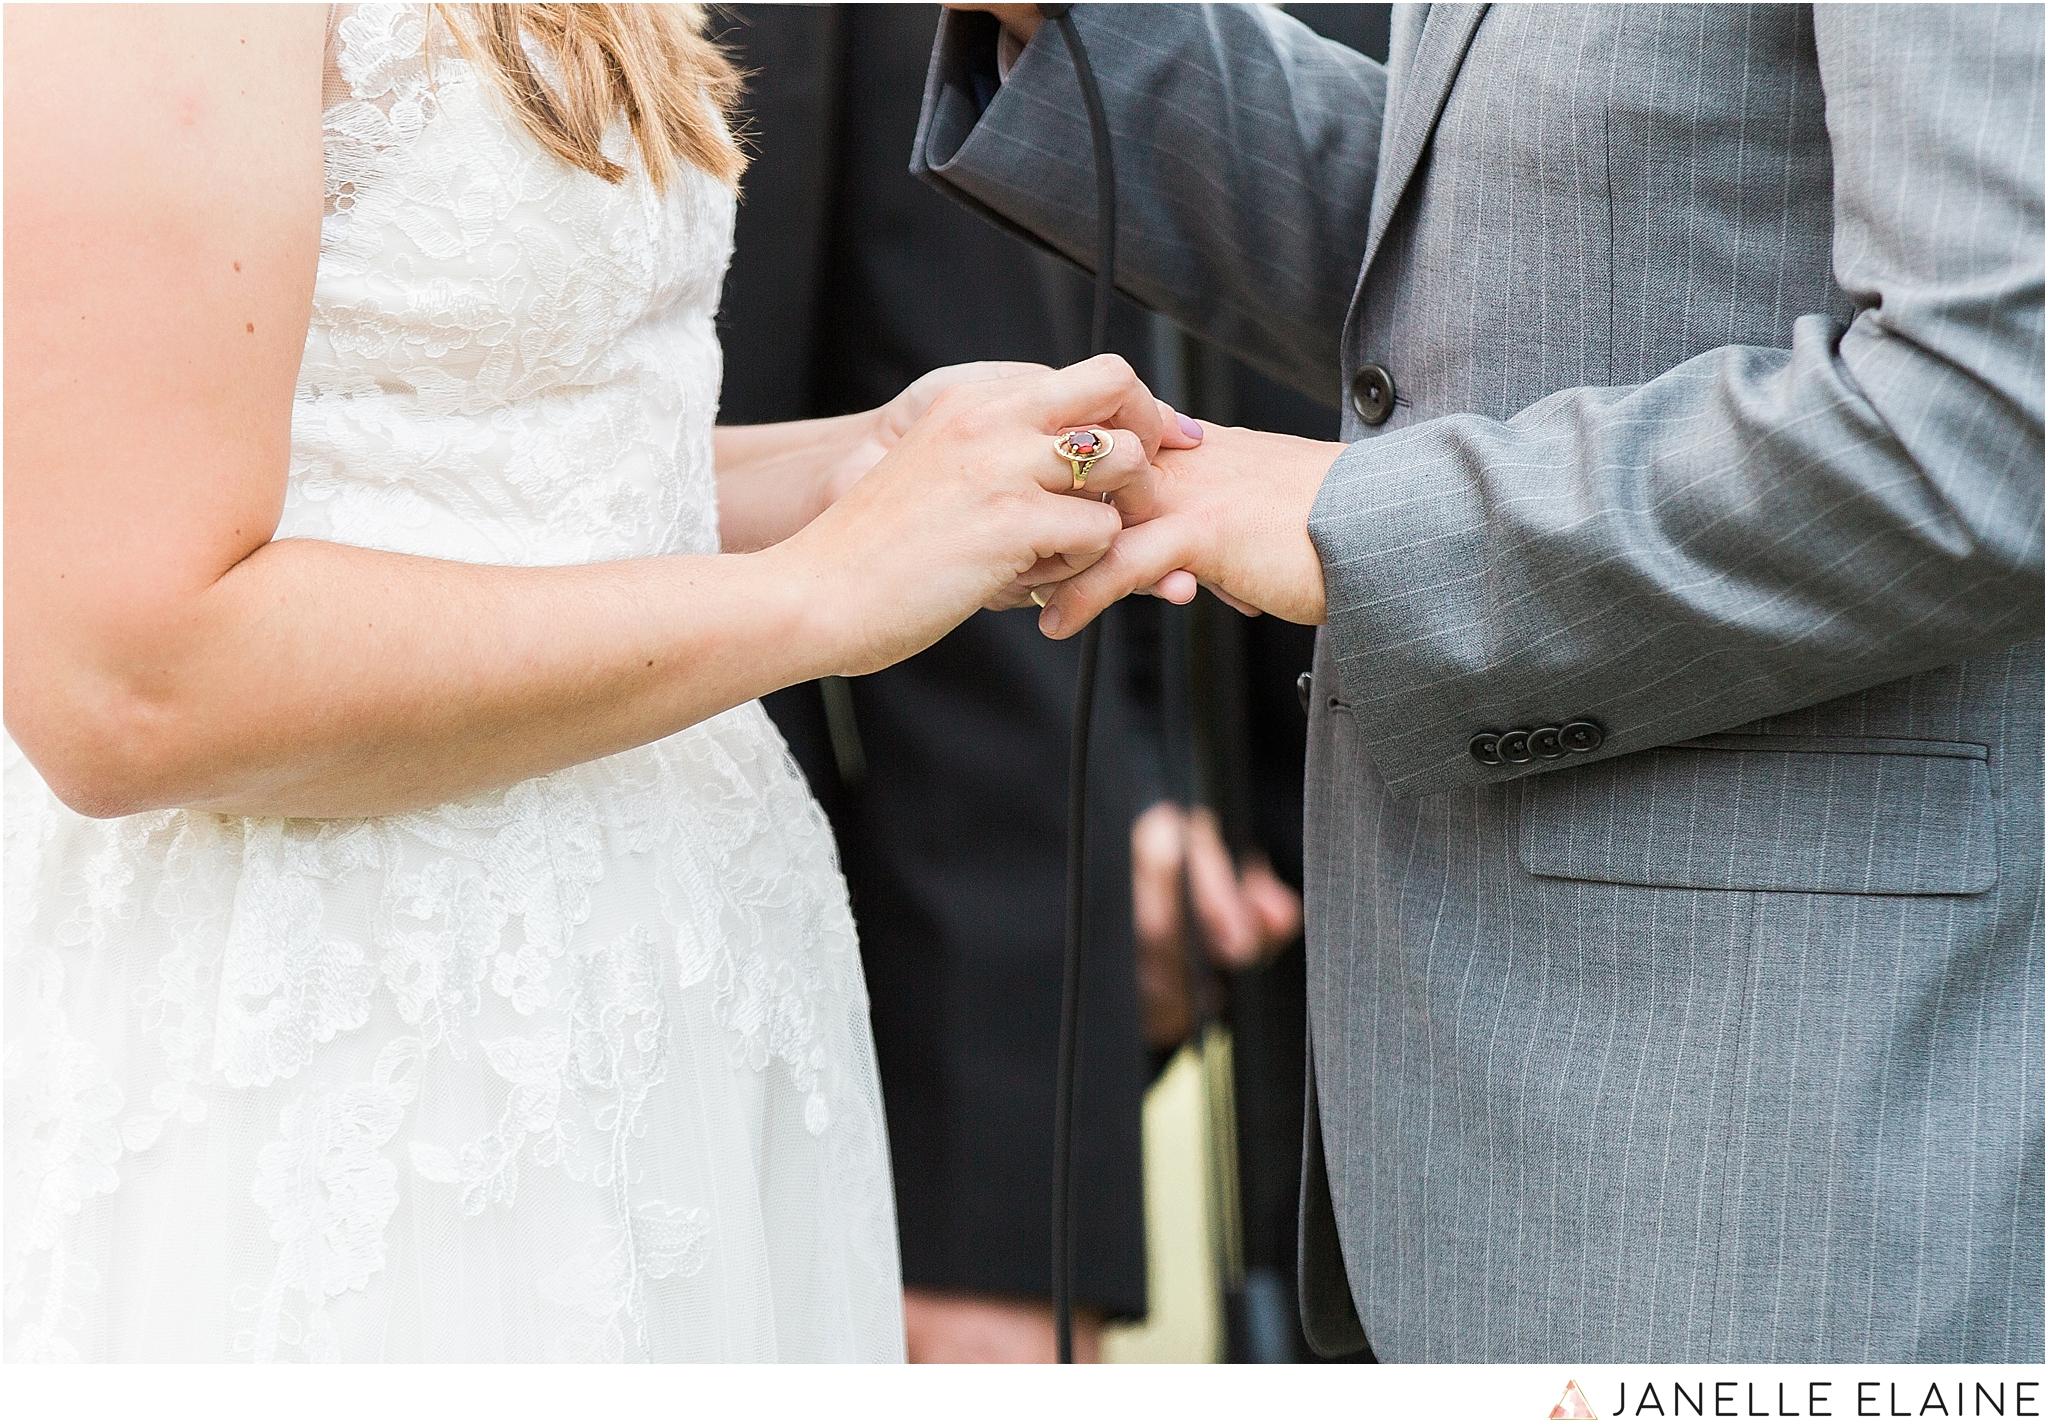 seattle-portrait-engagement-wedding-photographer-janelle-elaine-photography-64.jpg